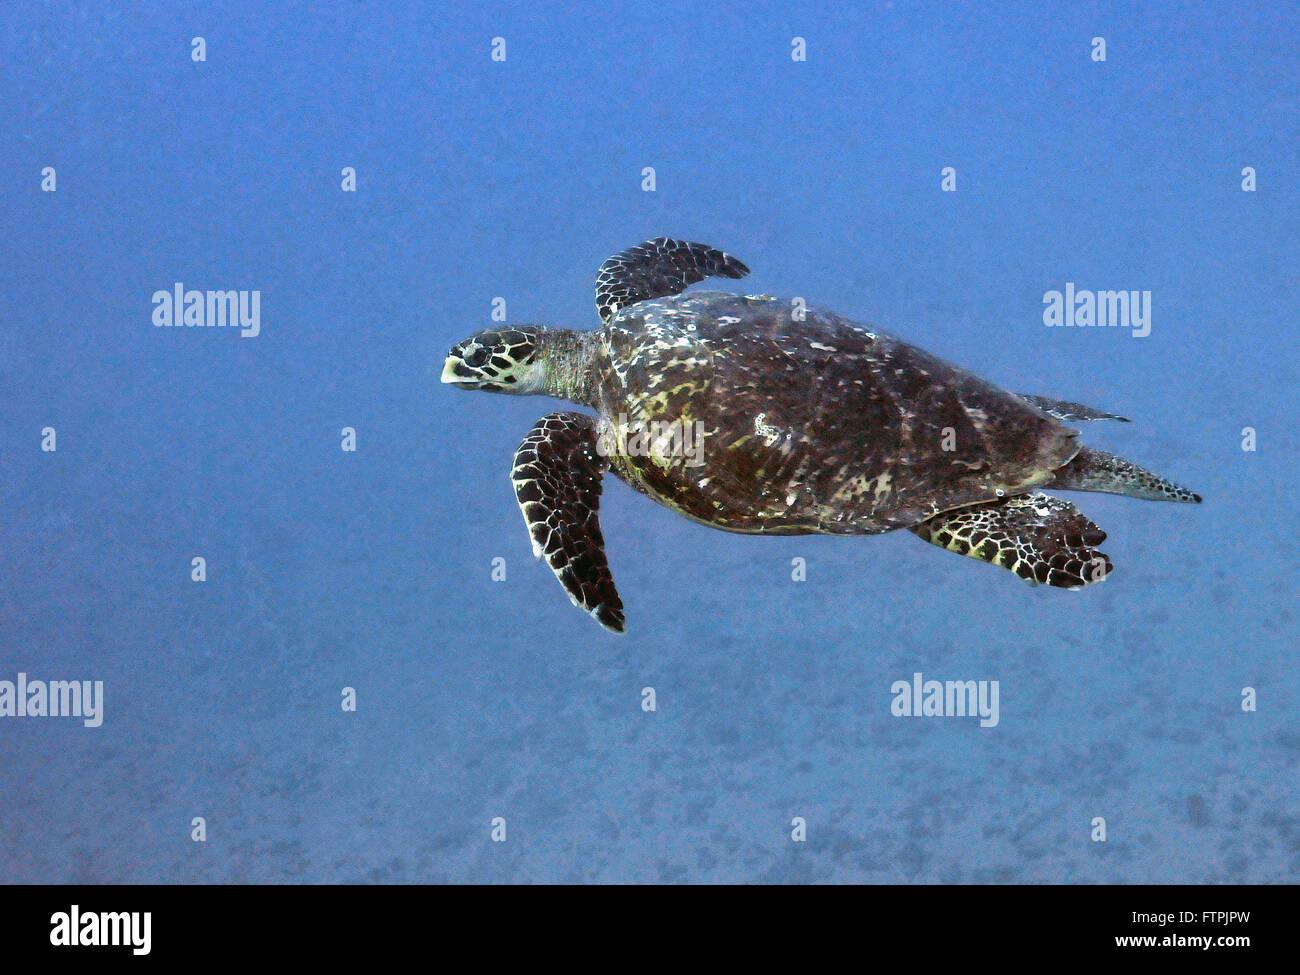 Photos sous-marines sur la côte brésilienne - - tortue imbriquée Eretmochelys imbricata Photo Stock